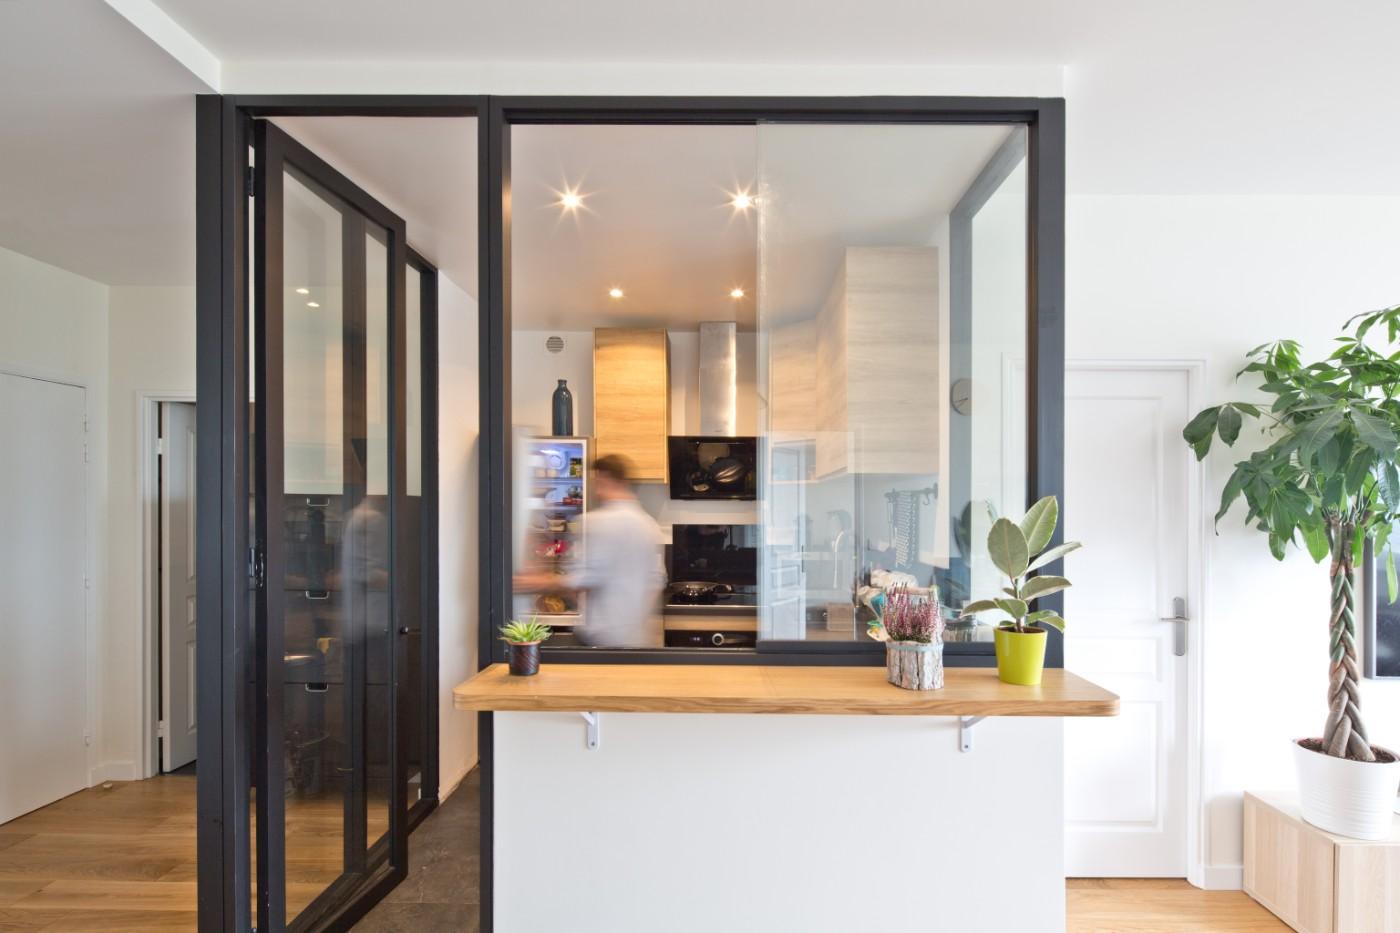 Cuisine ouverte et design par Archibien - rénovation d'un appartement à Courbevoie